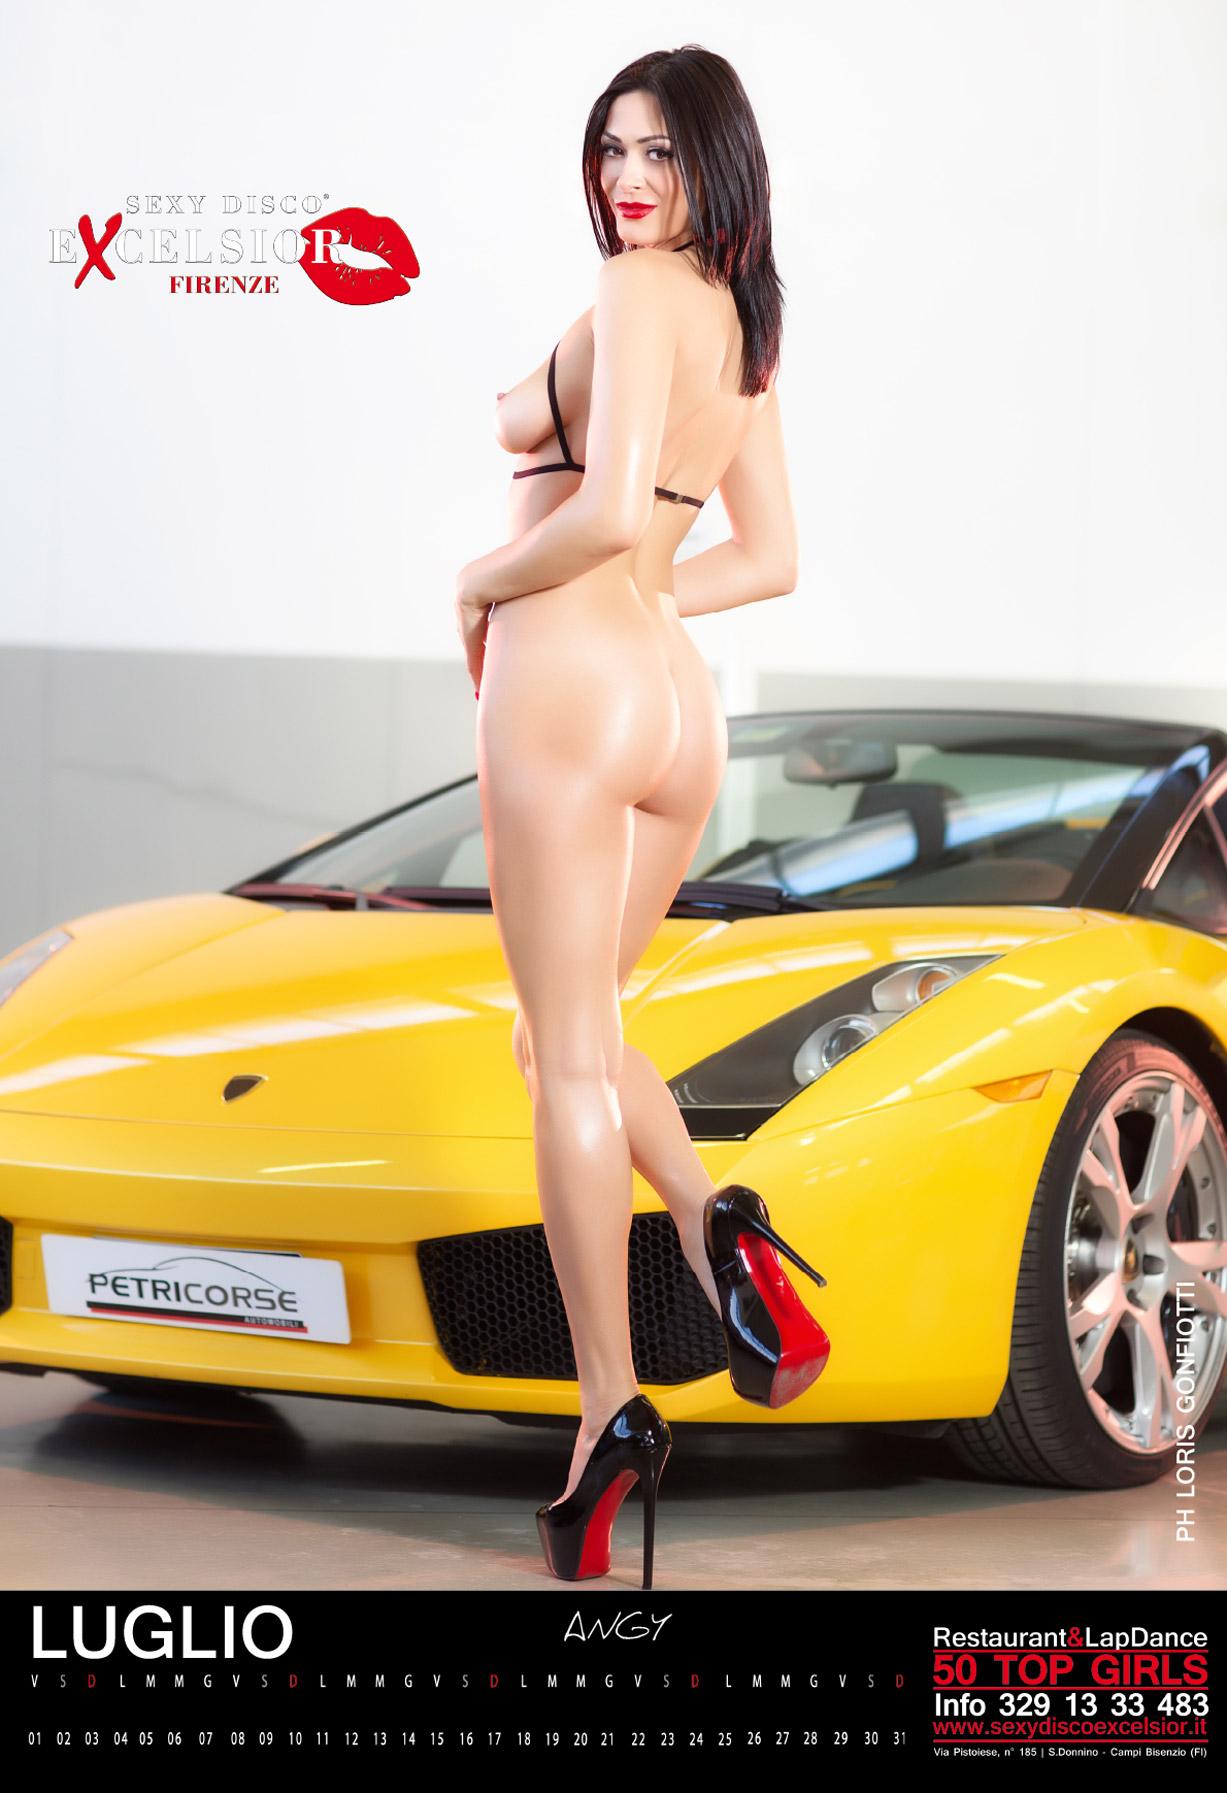 эротический календарь ночного клуба Sexy Disco Excelsior 2016 calendar - Angy